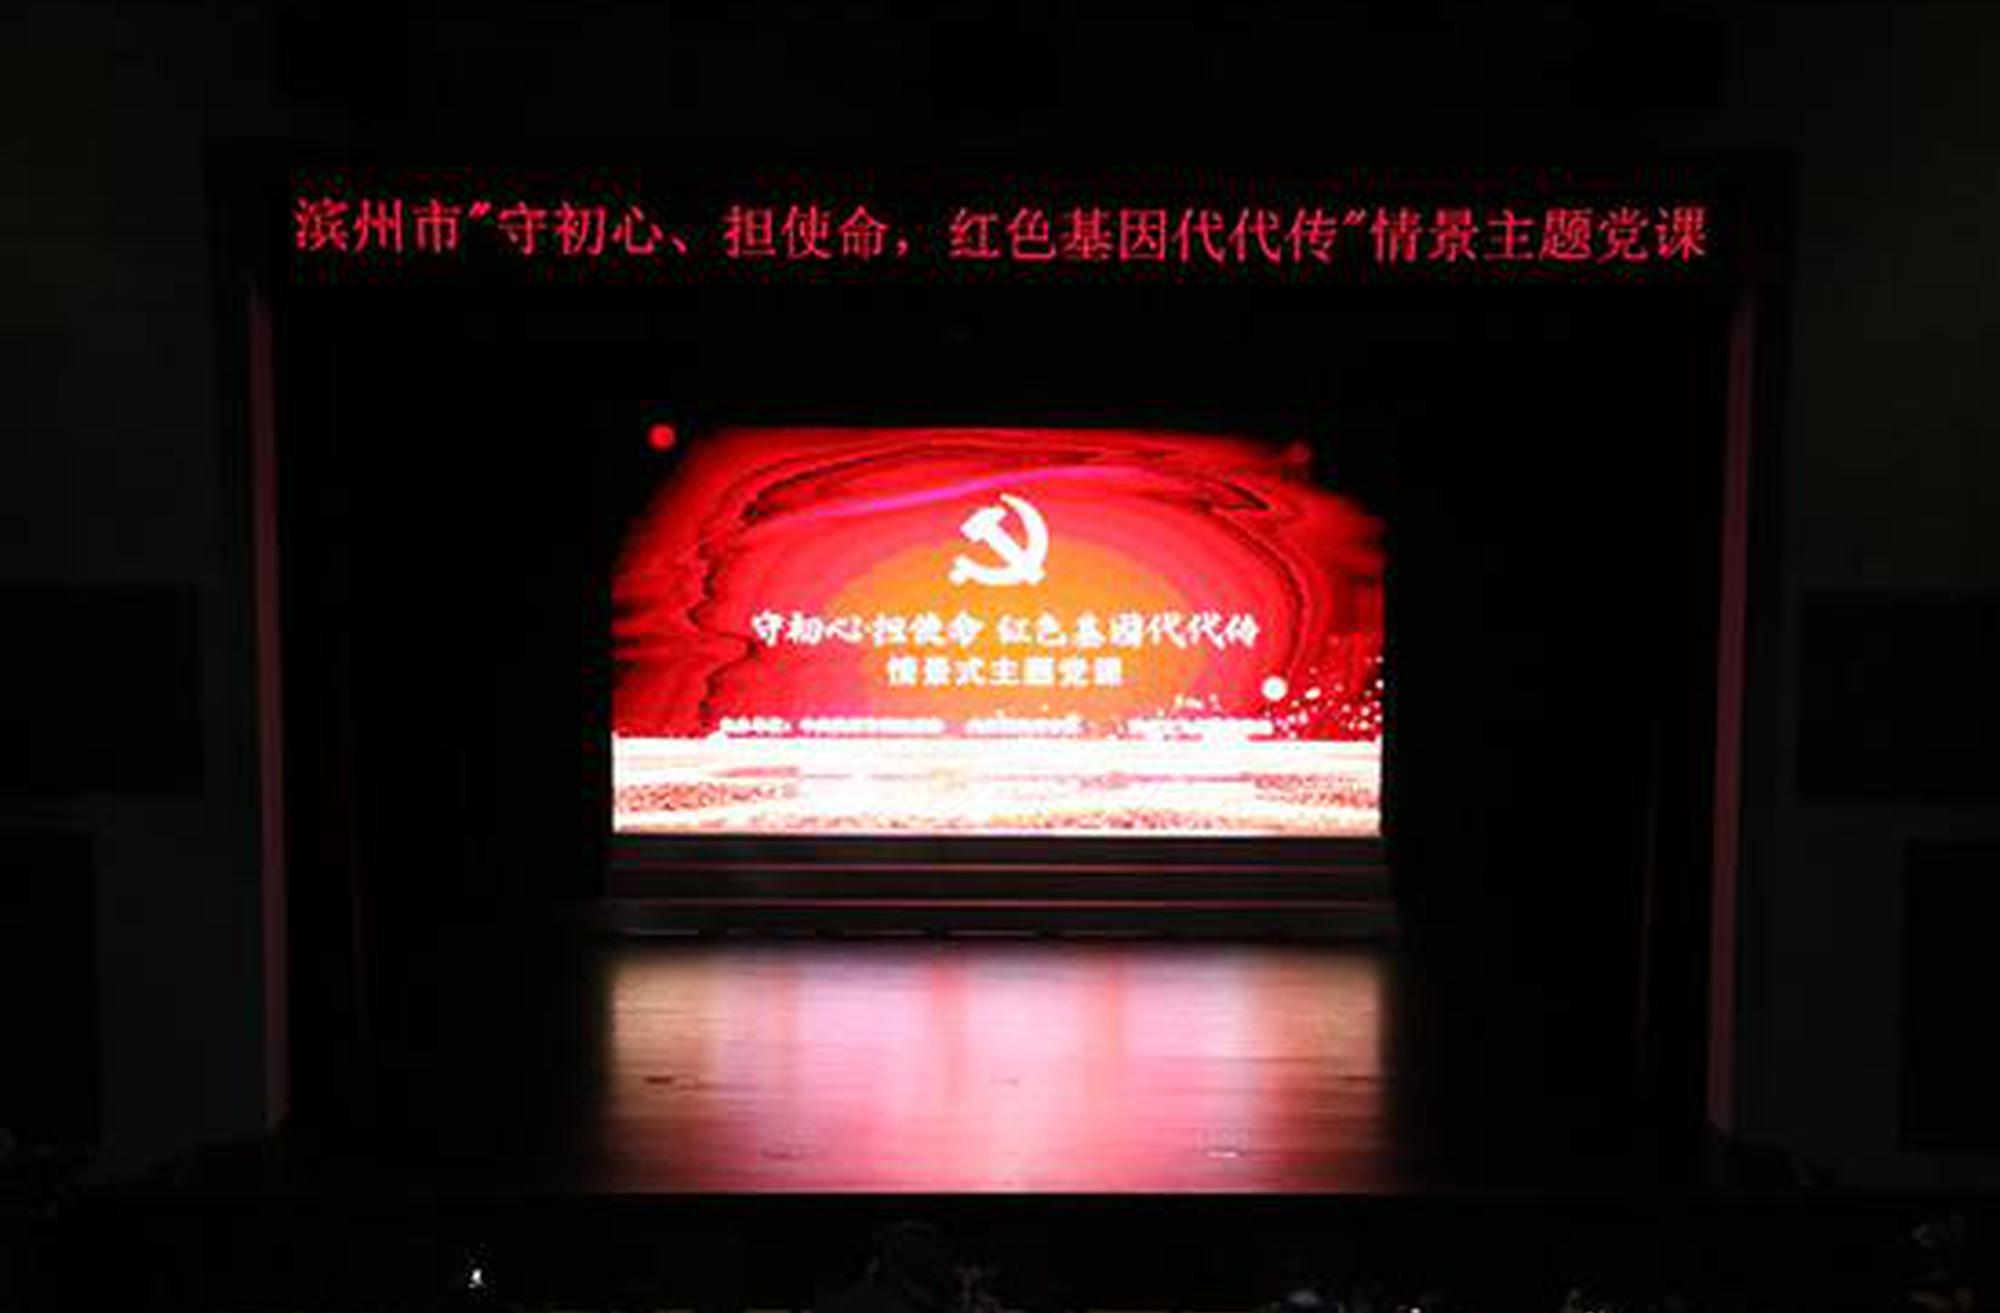 滨州群星剧场上演情景式主题党课